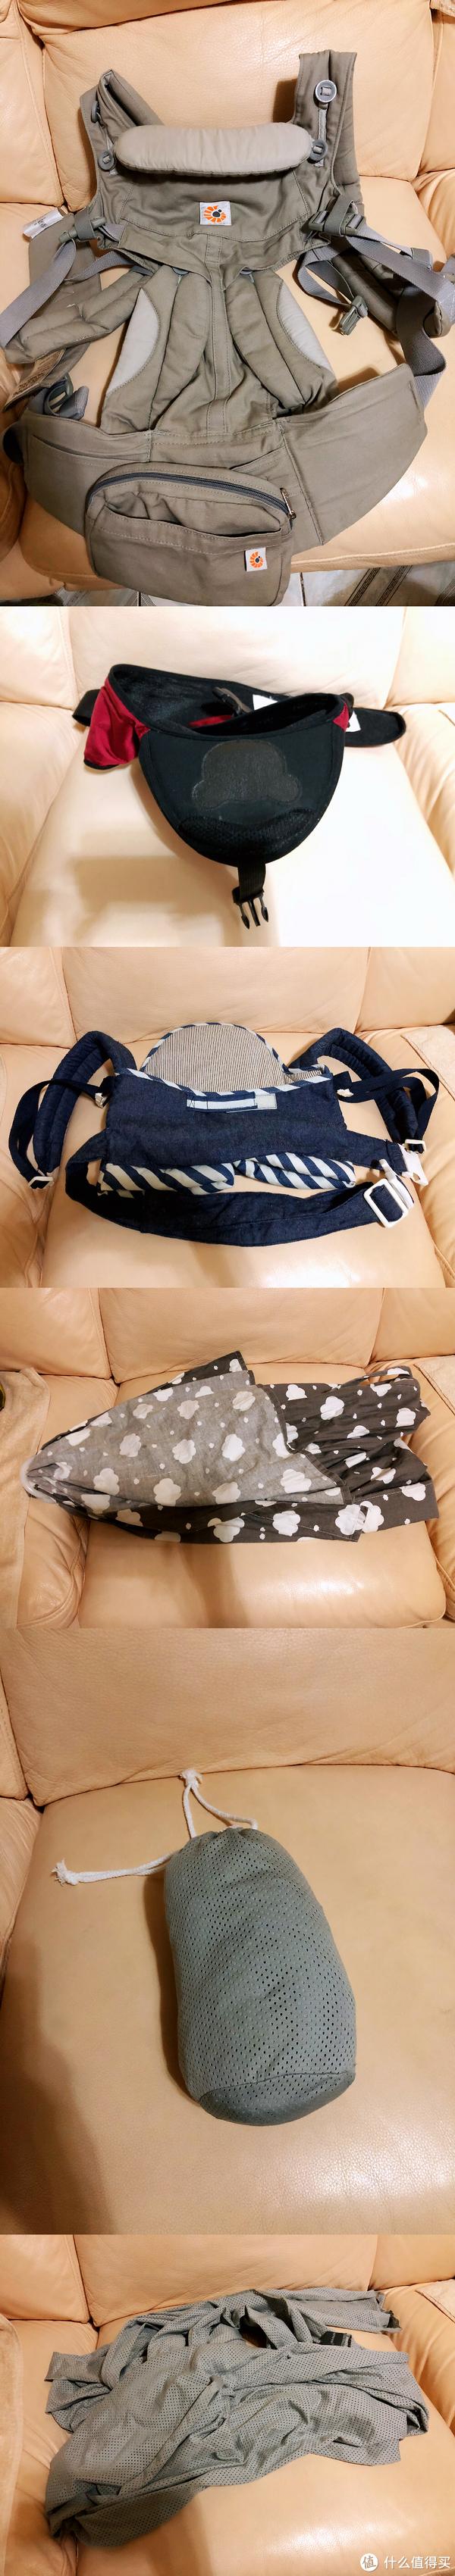 #全民分享季#为了哄娃睡觉带娃出去玩,用了5款背巾,心得体验如下